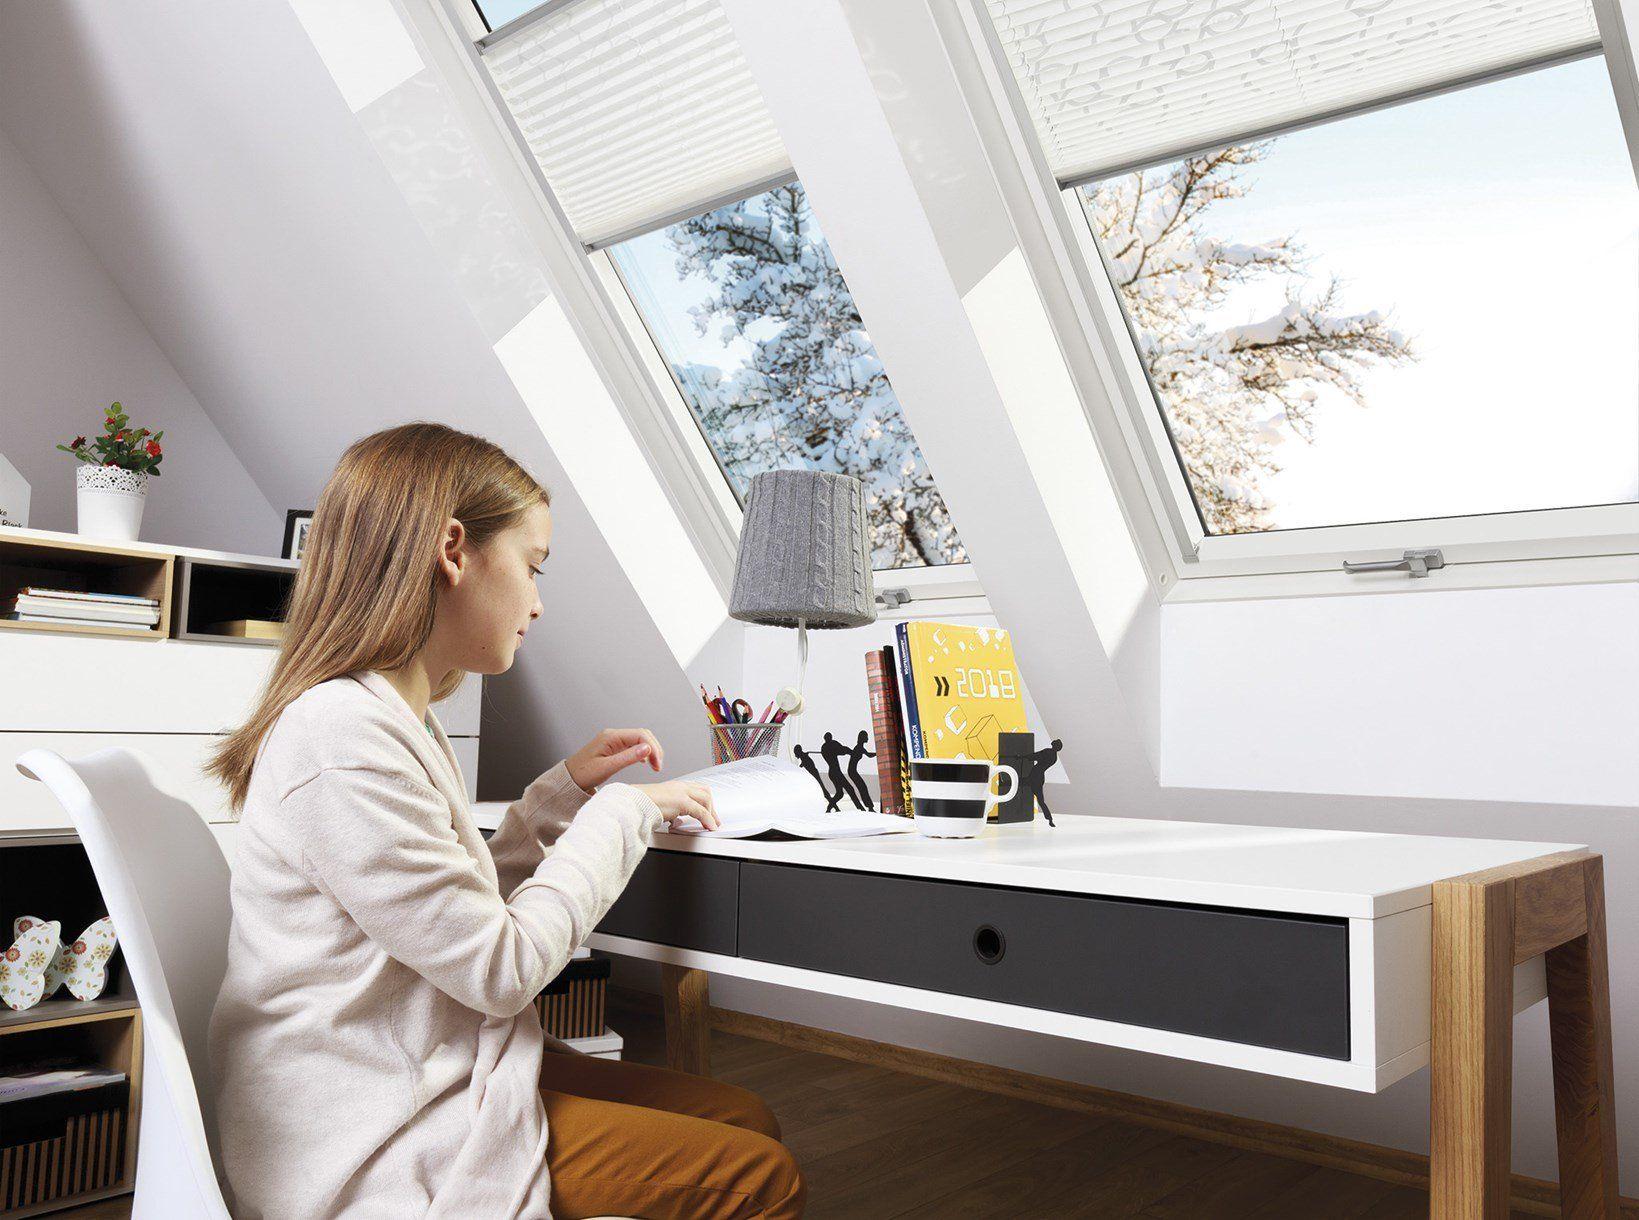 In anticipo sull'entrata in vigore delle normative, FAKRO propone la nuova linea di finestre con vetro termoisolante T4